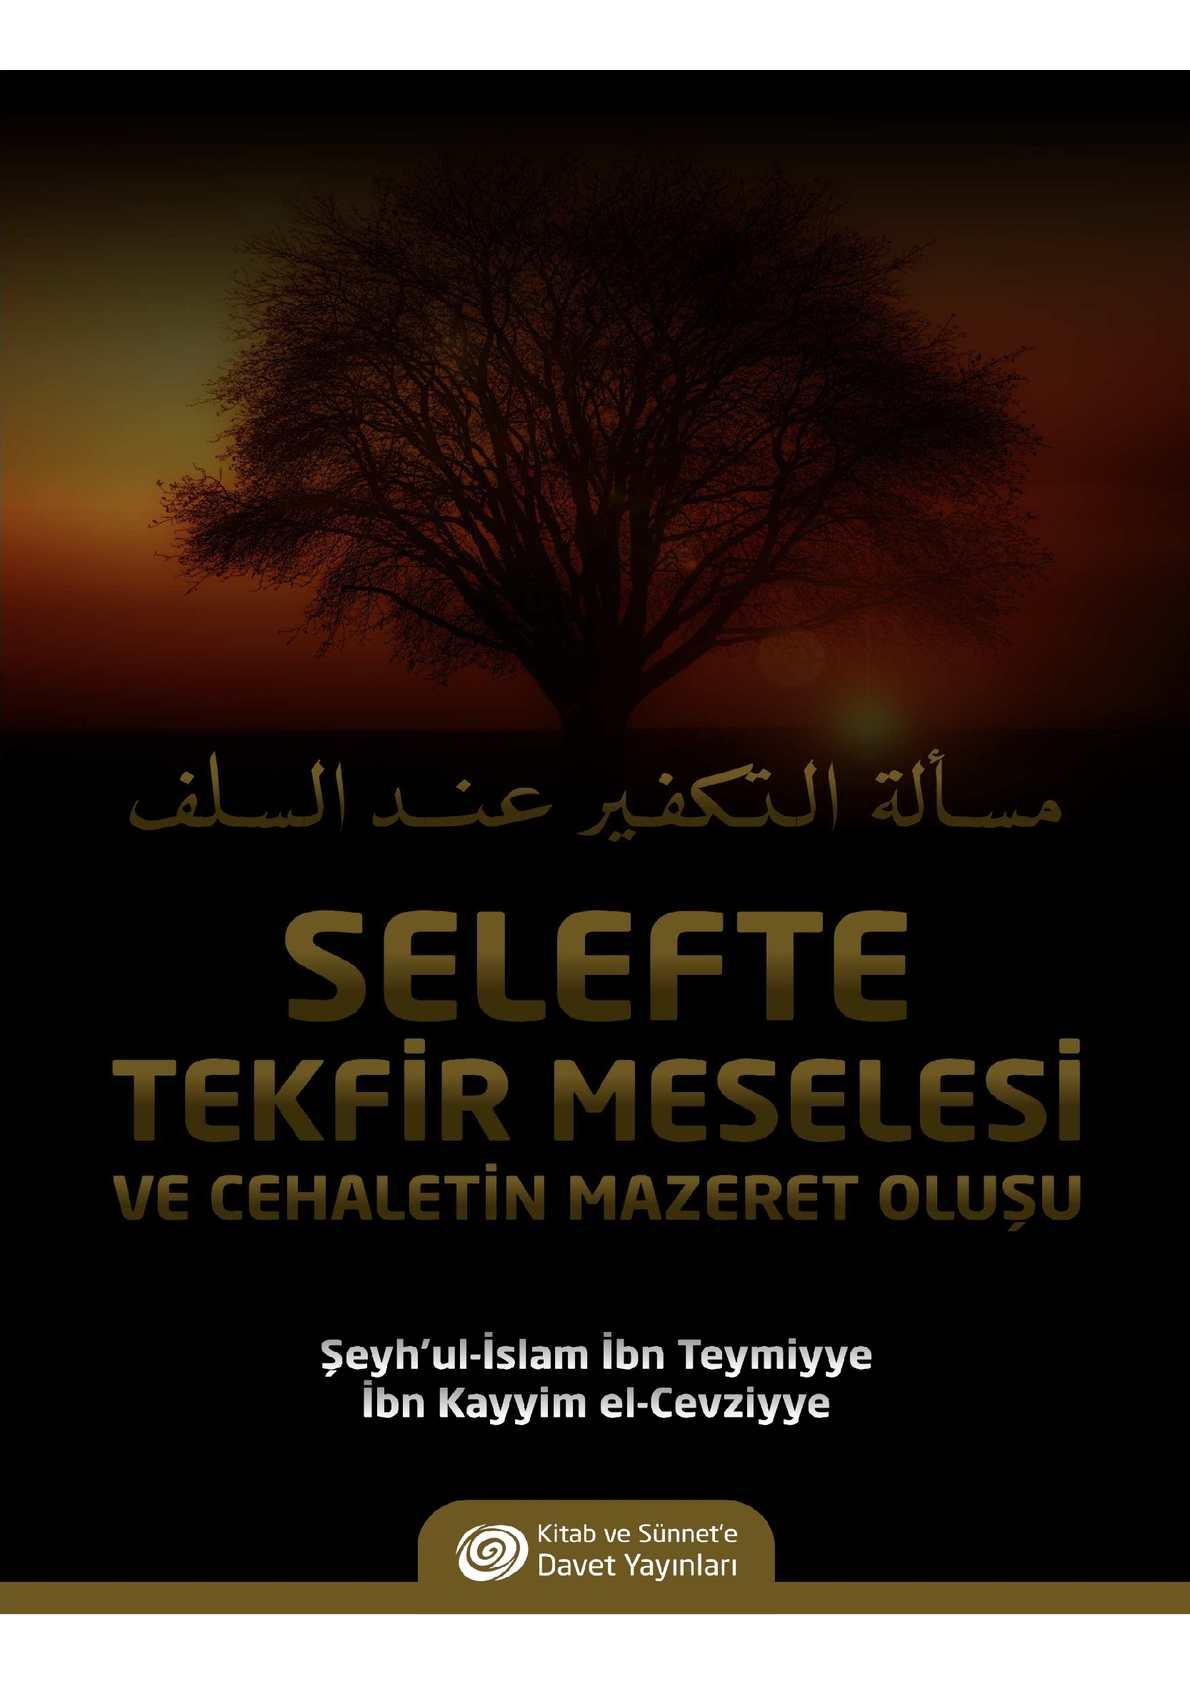 Selefte Tekfir Meselesi / İbn Teymiyye - İbn Kayyim